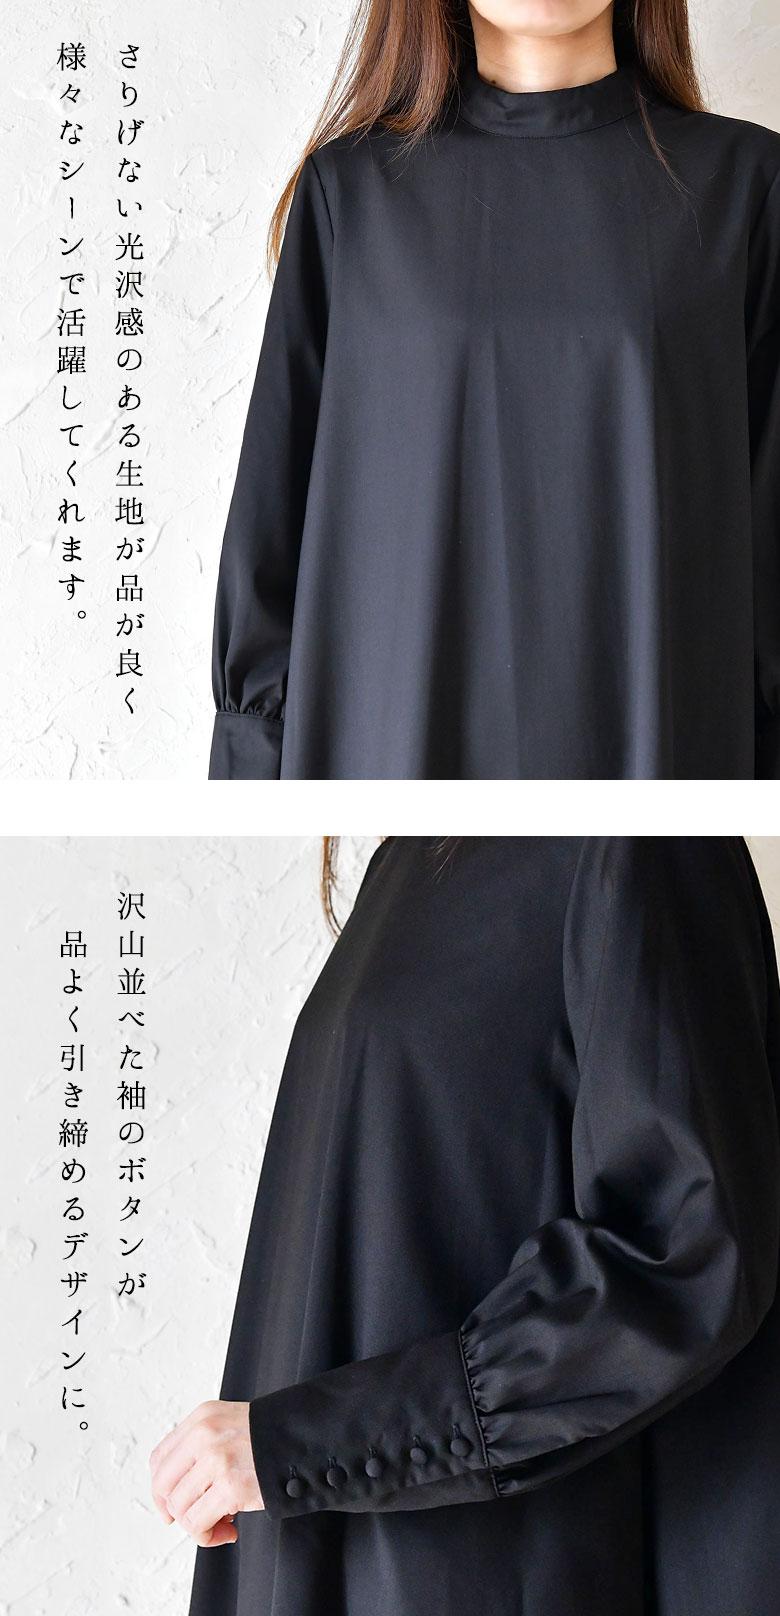 【s.t.closet frabjous エスティ・クローゼット】サークルレースジャケットアンサンブル / ワンピース (38002)